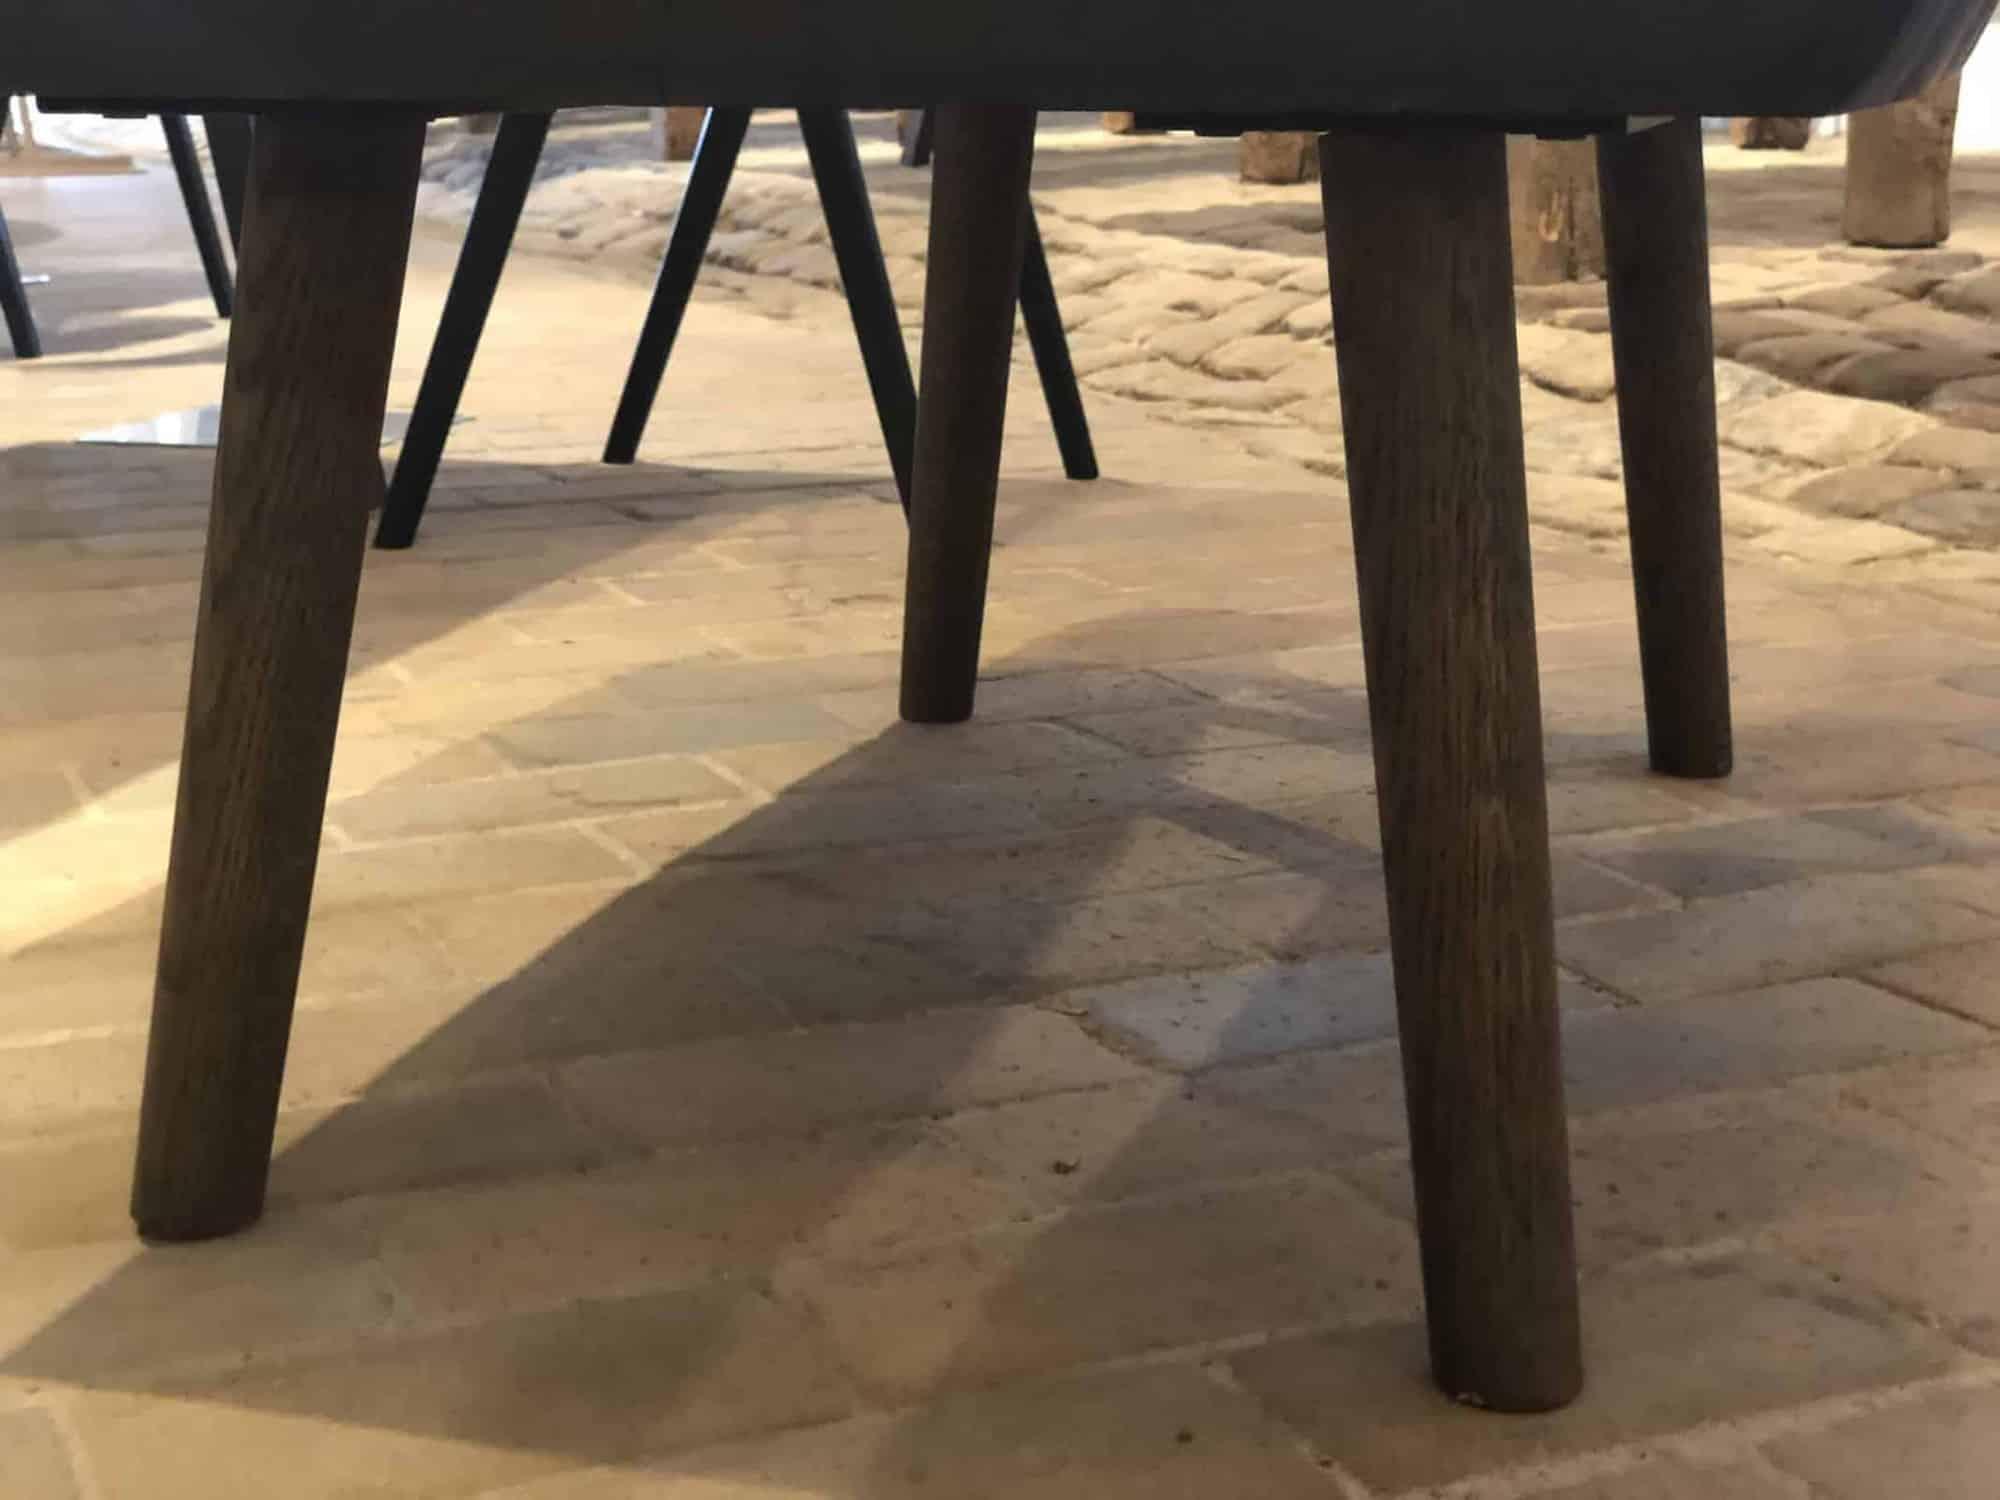 runde bordben i træ